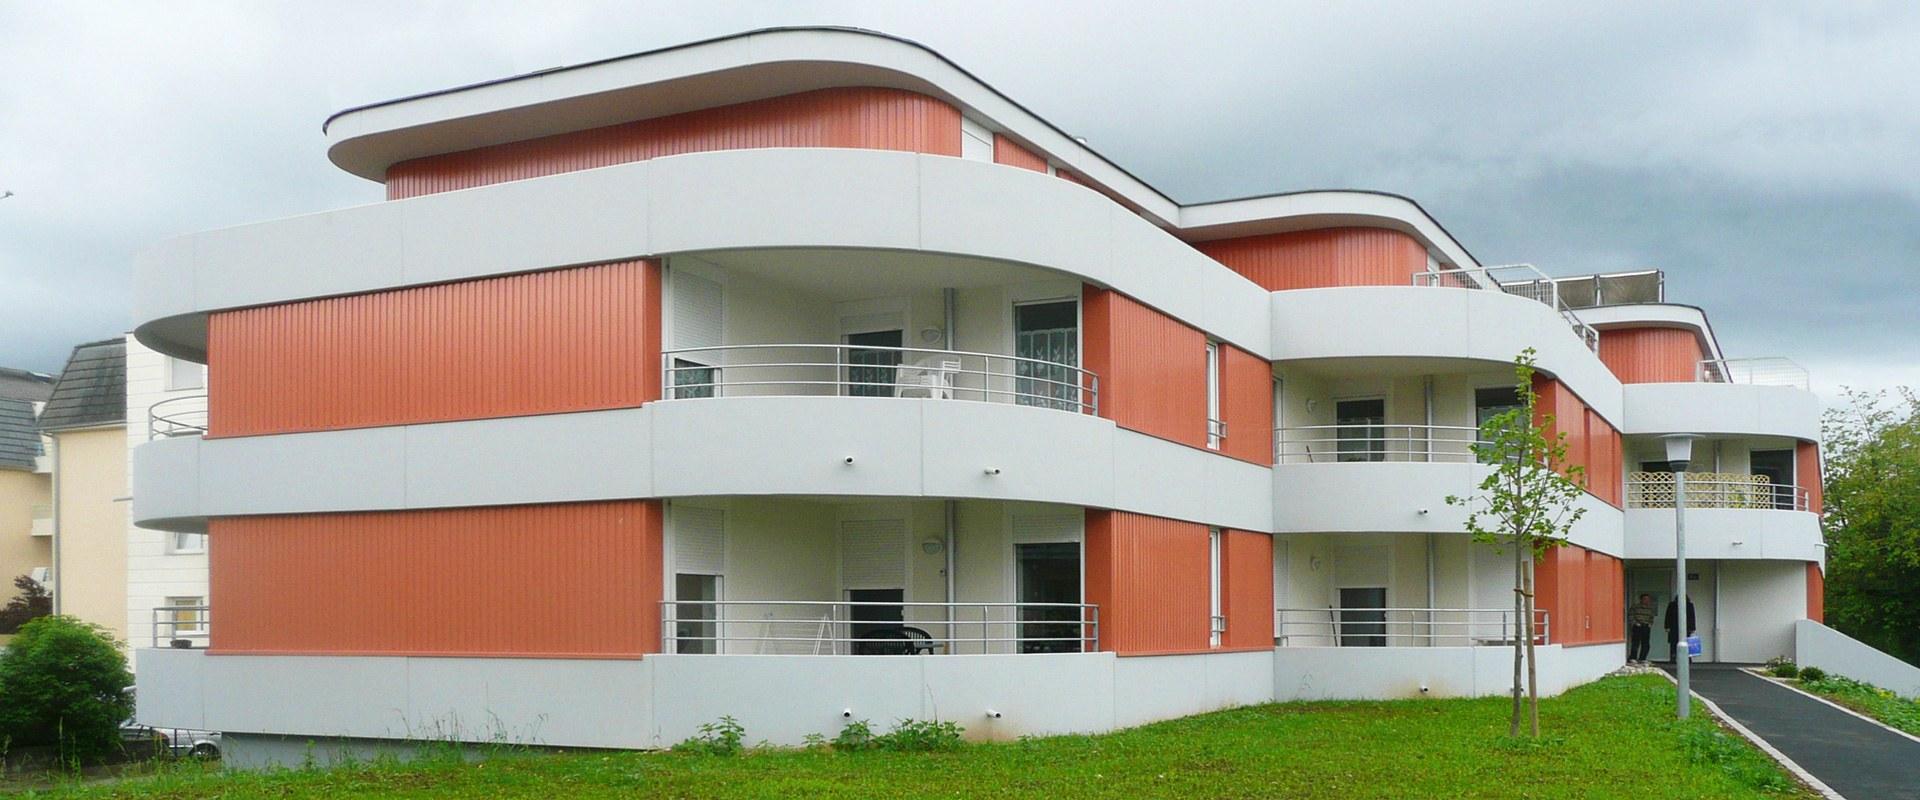 Architecte réhabilitation